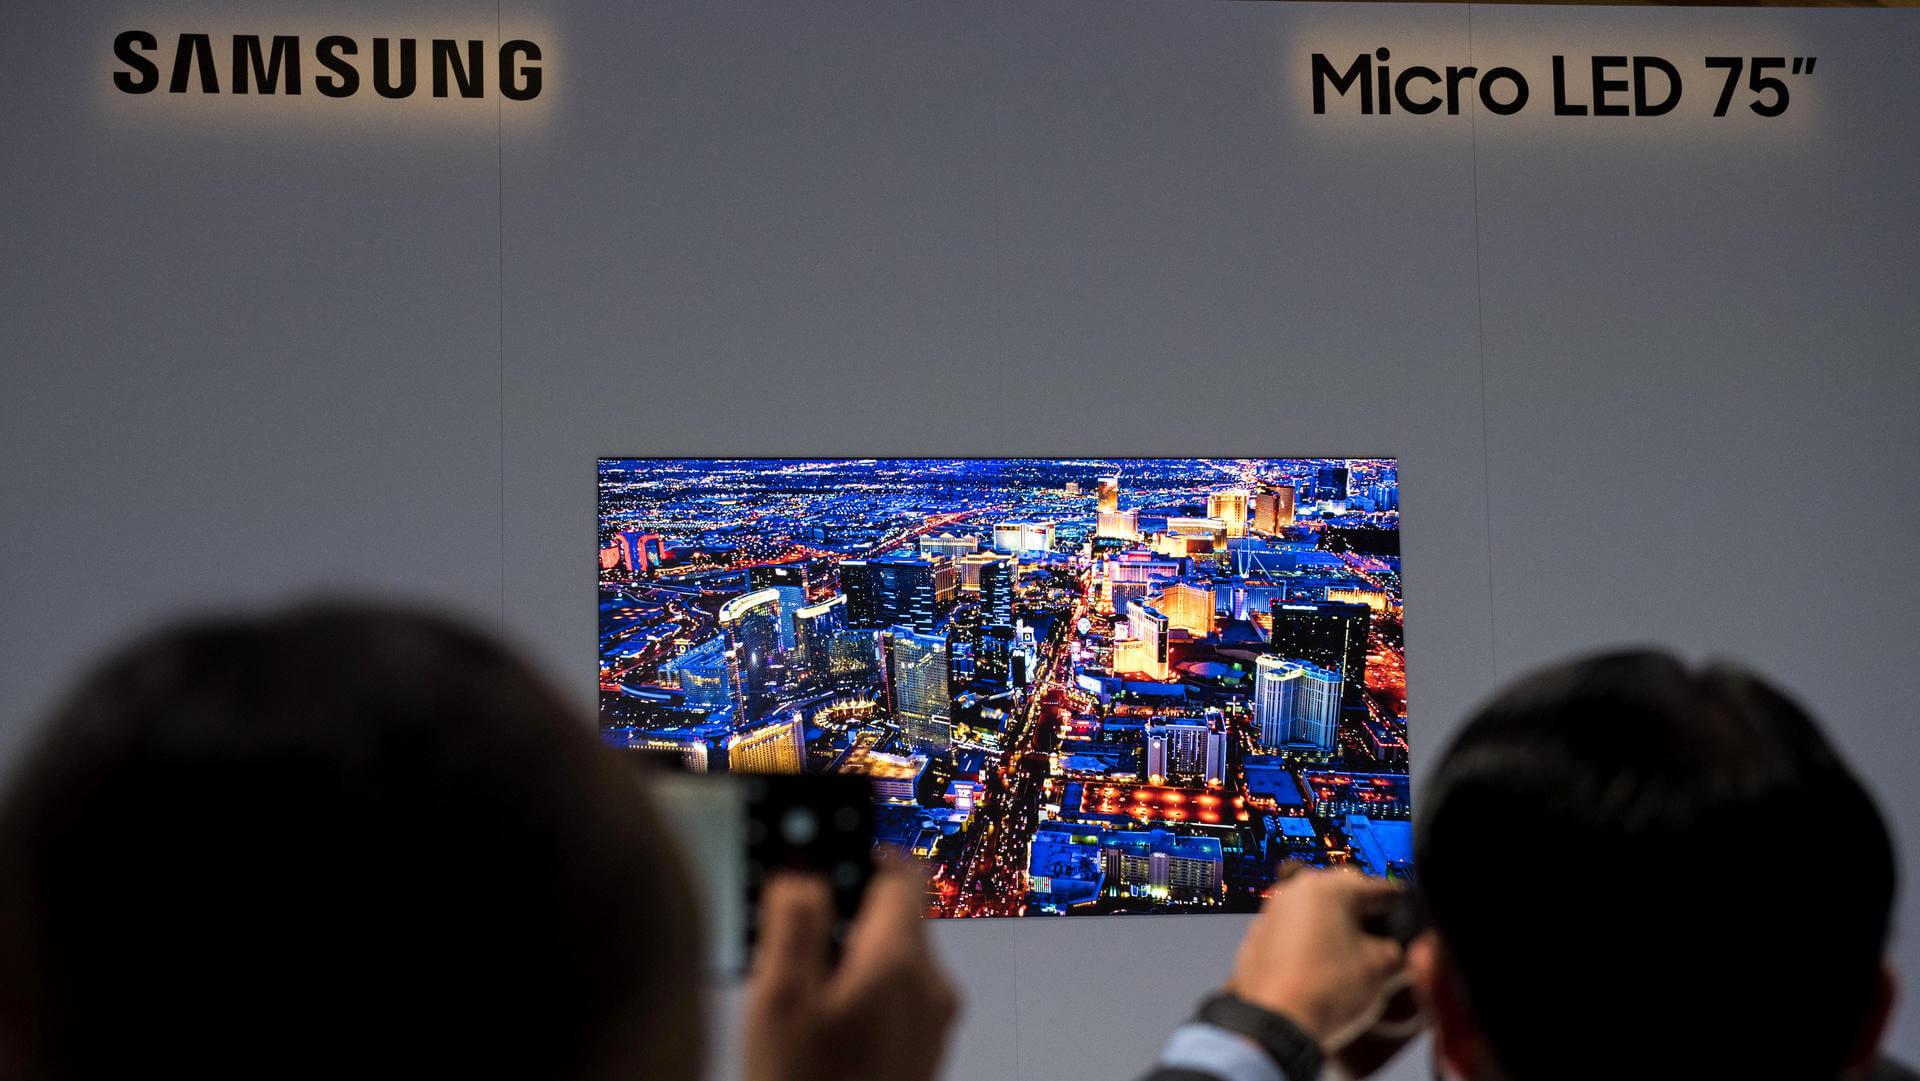 Samsungs micro led technik schaerfere tv geraete in aussicht